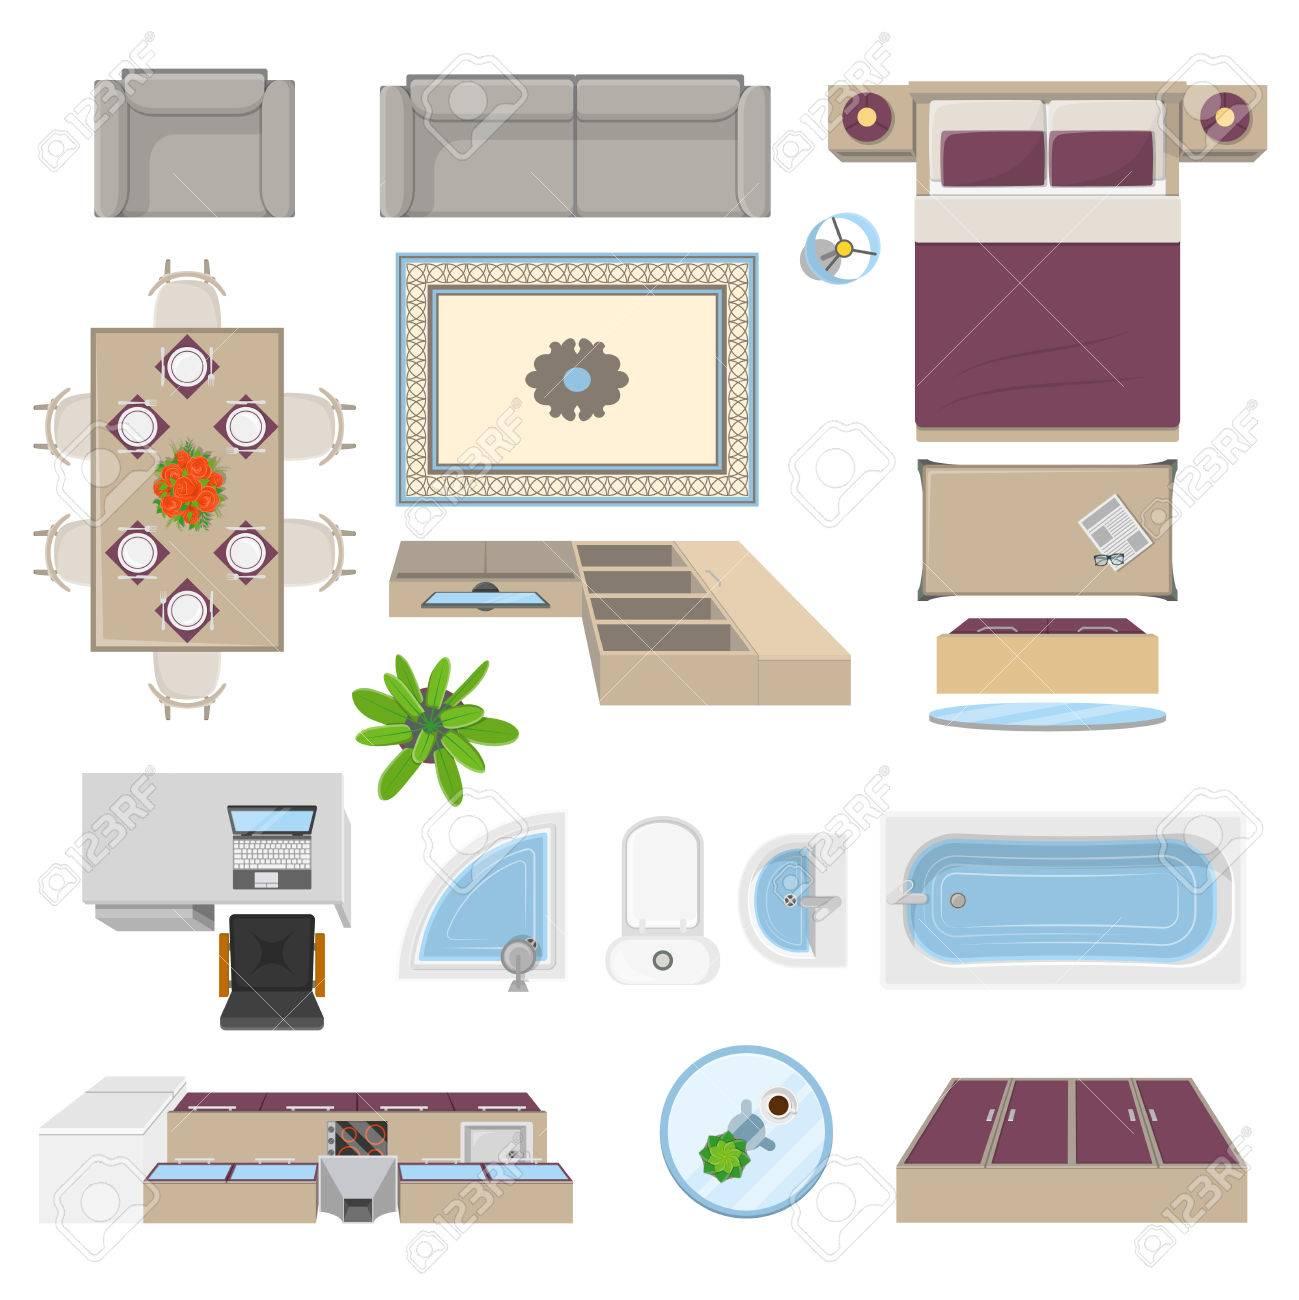 Lments Interieurs En Vue De Dessus La Position Avec Des Meubles De Chambre A Coucher Salon Cuisine Salle De Bain Isolee Illustration Vectorielle